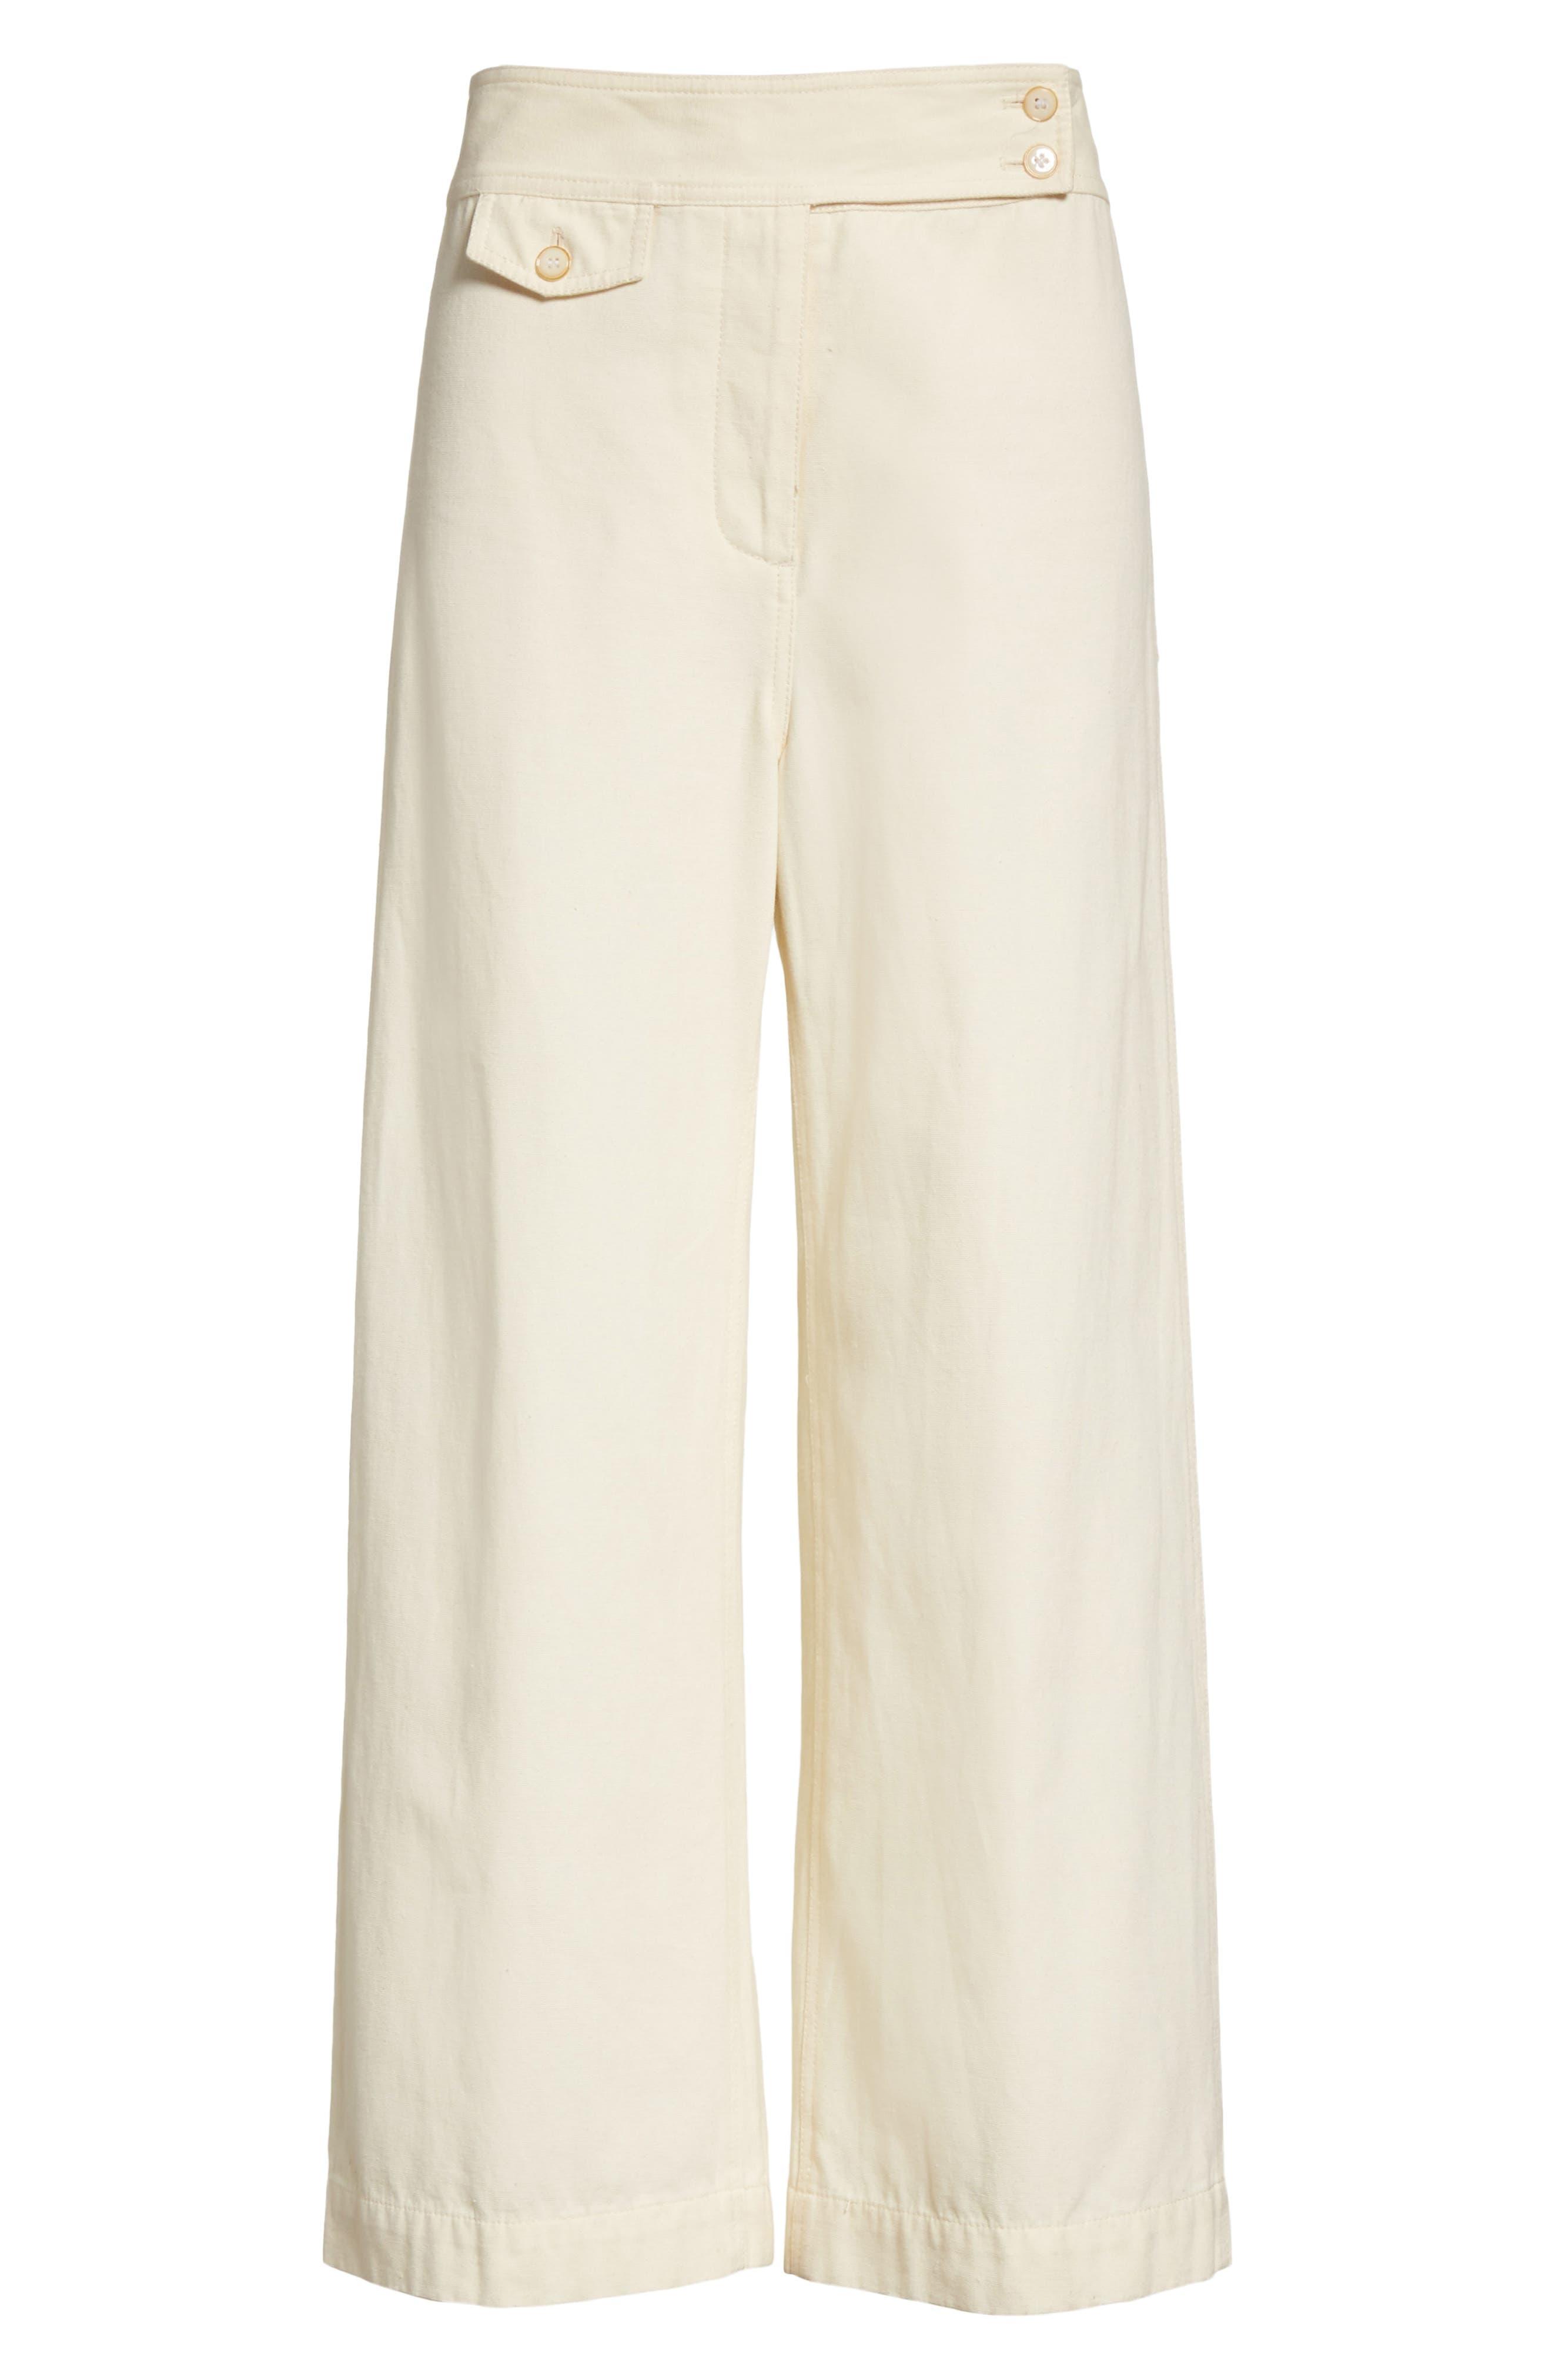 Caymen Cotton Gaucho Pants,                             Alternate thumbnail 6, color,                             Natural